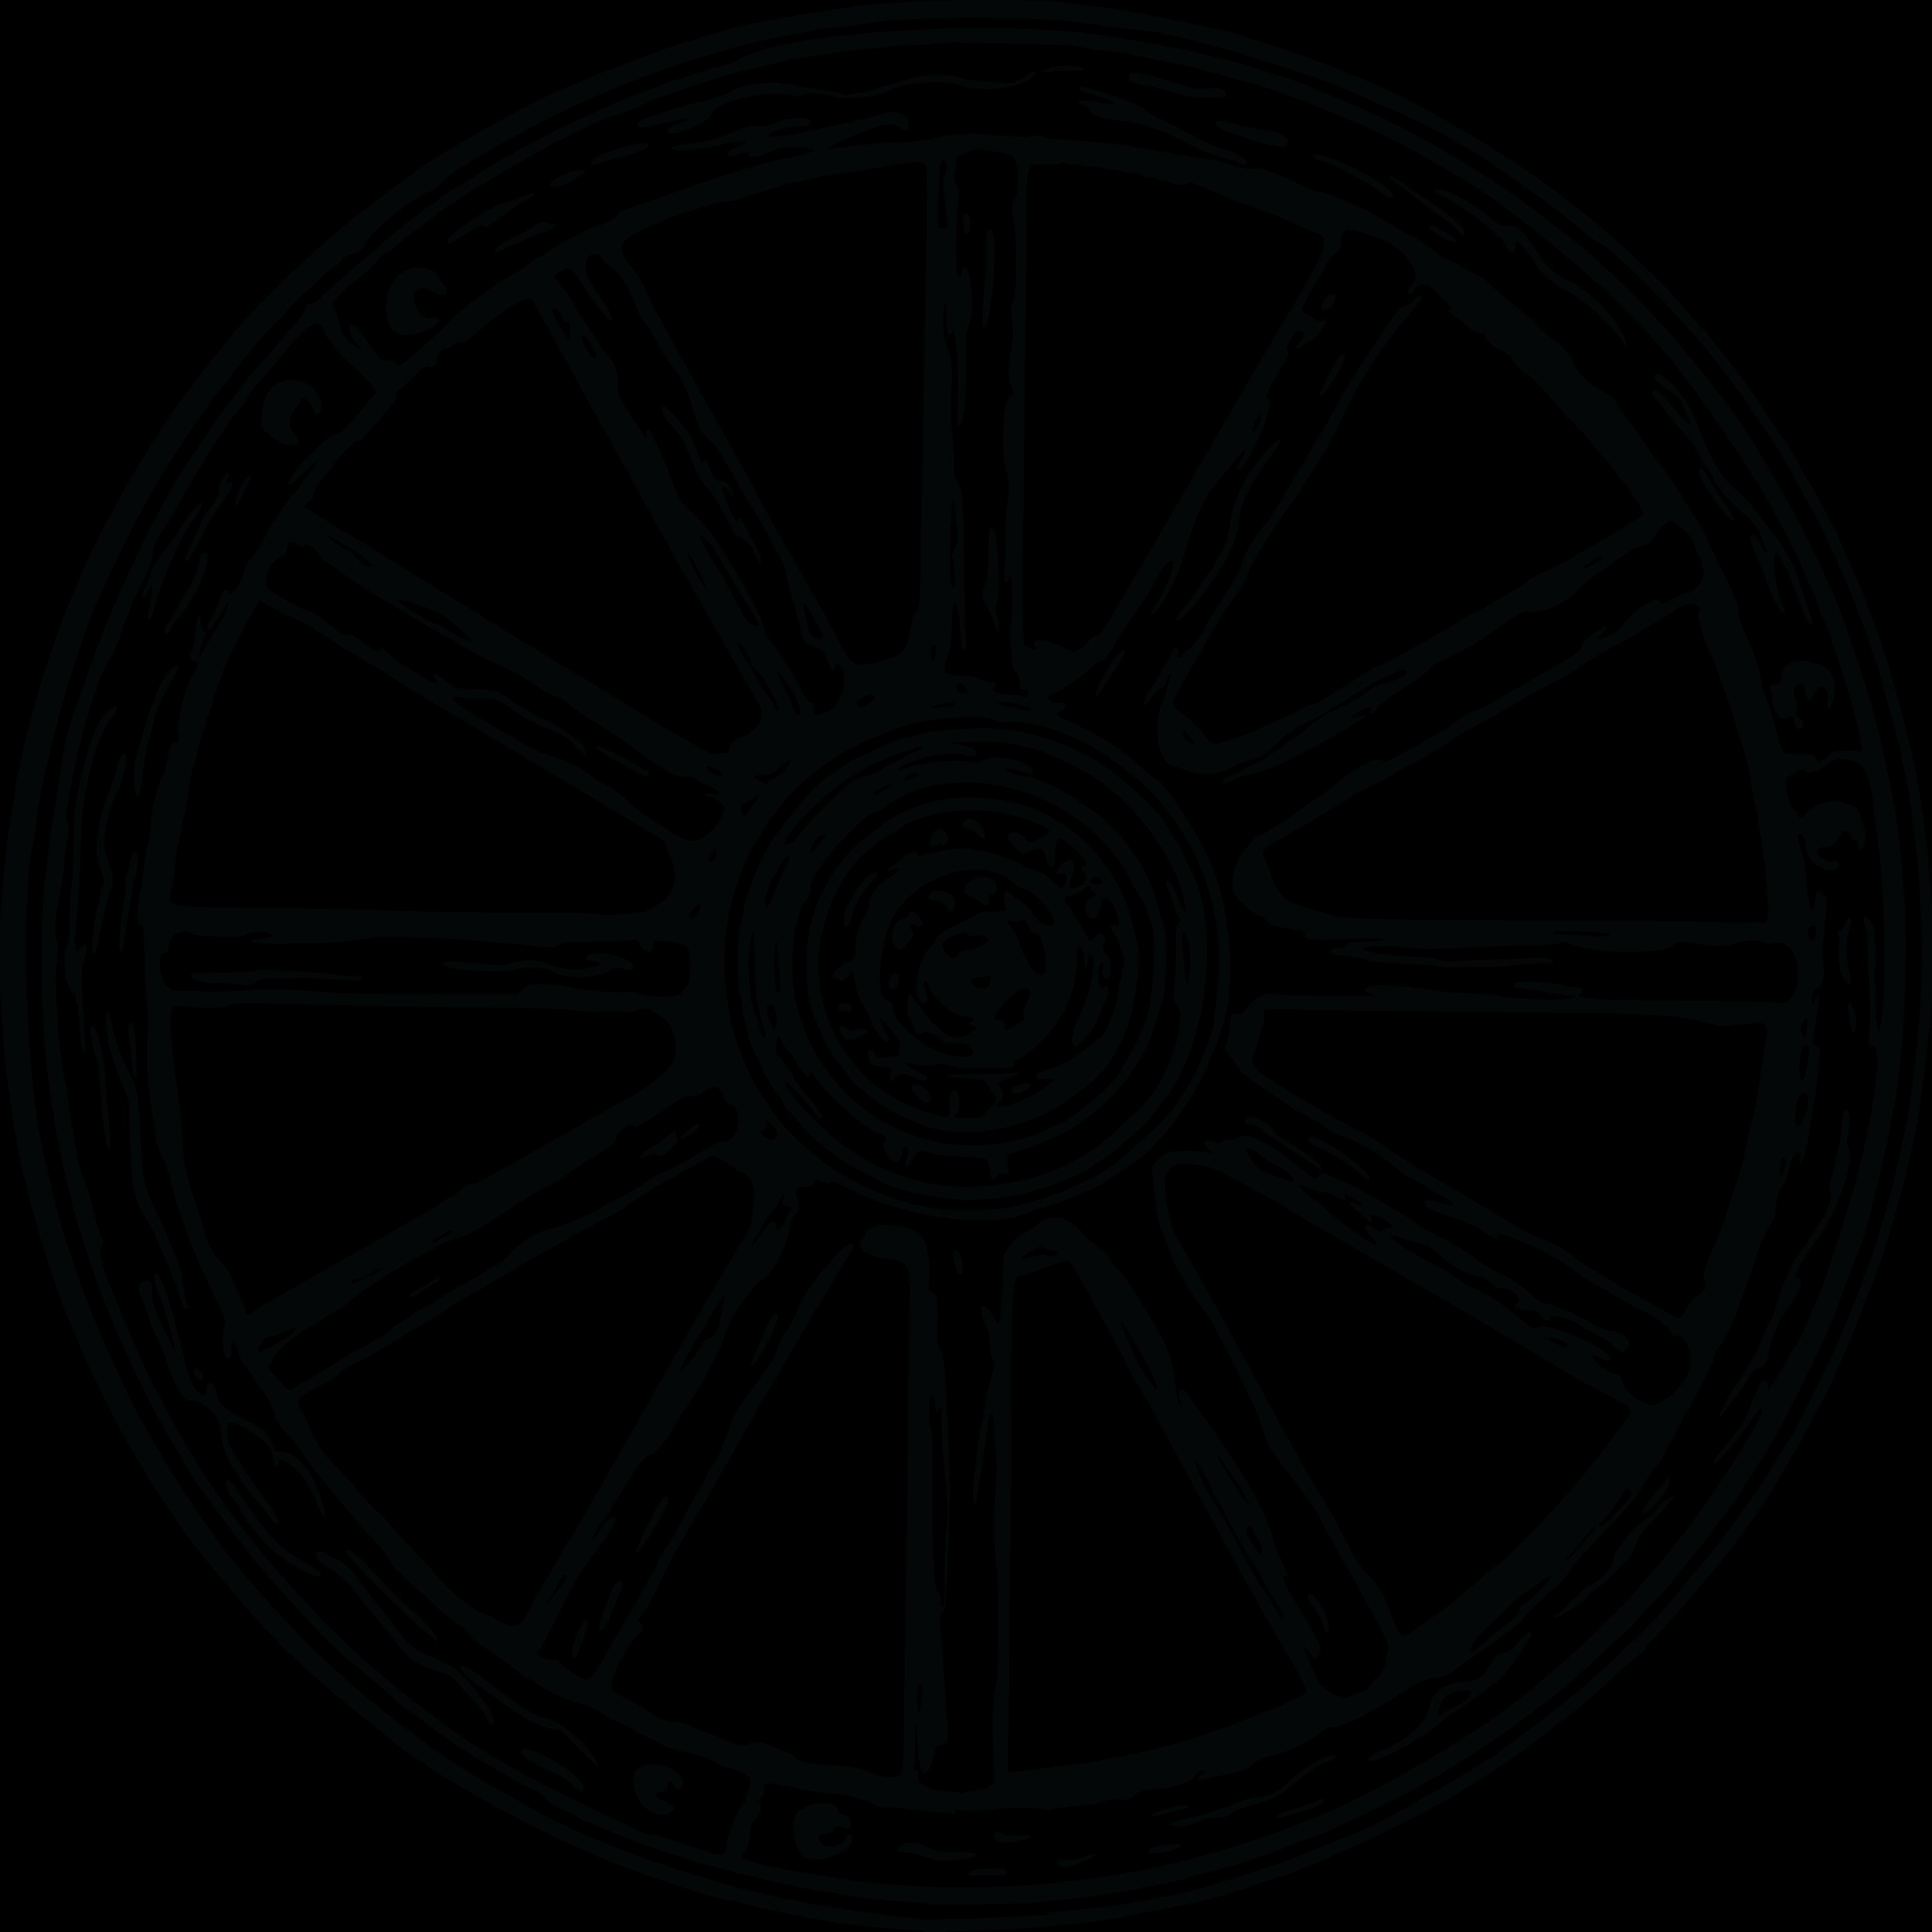 Wheel clipart bullock cart, Wheel bullock cart Transparent